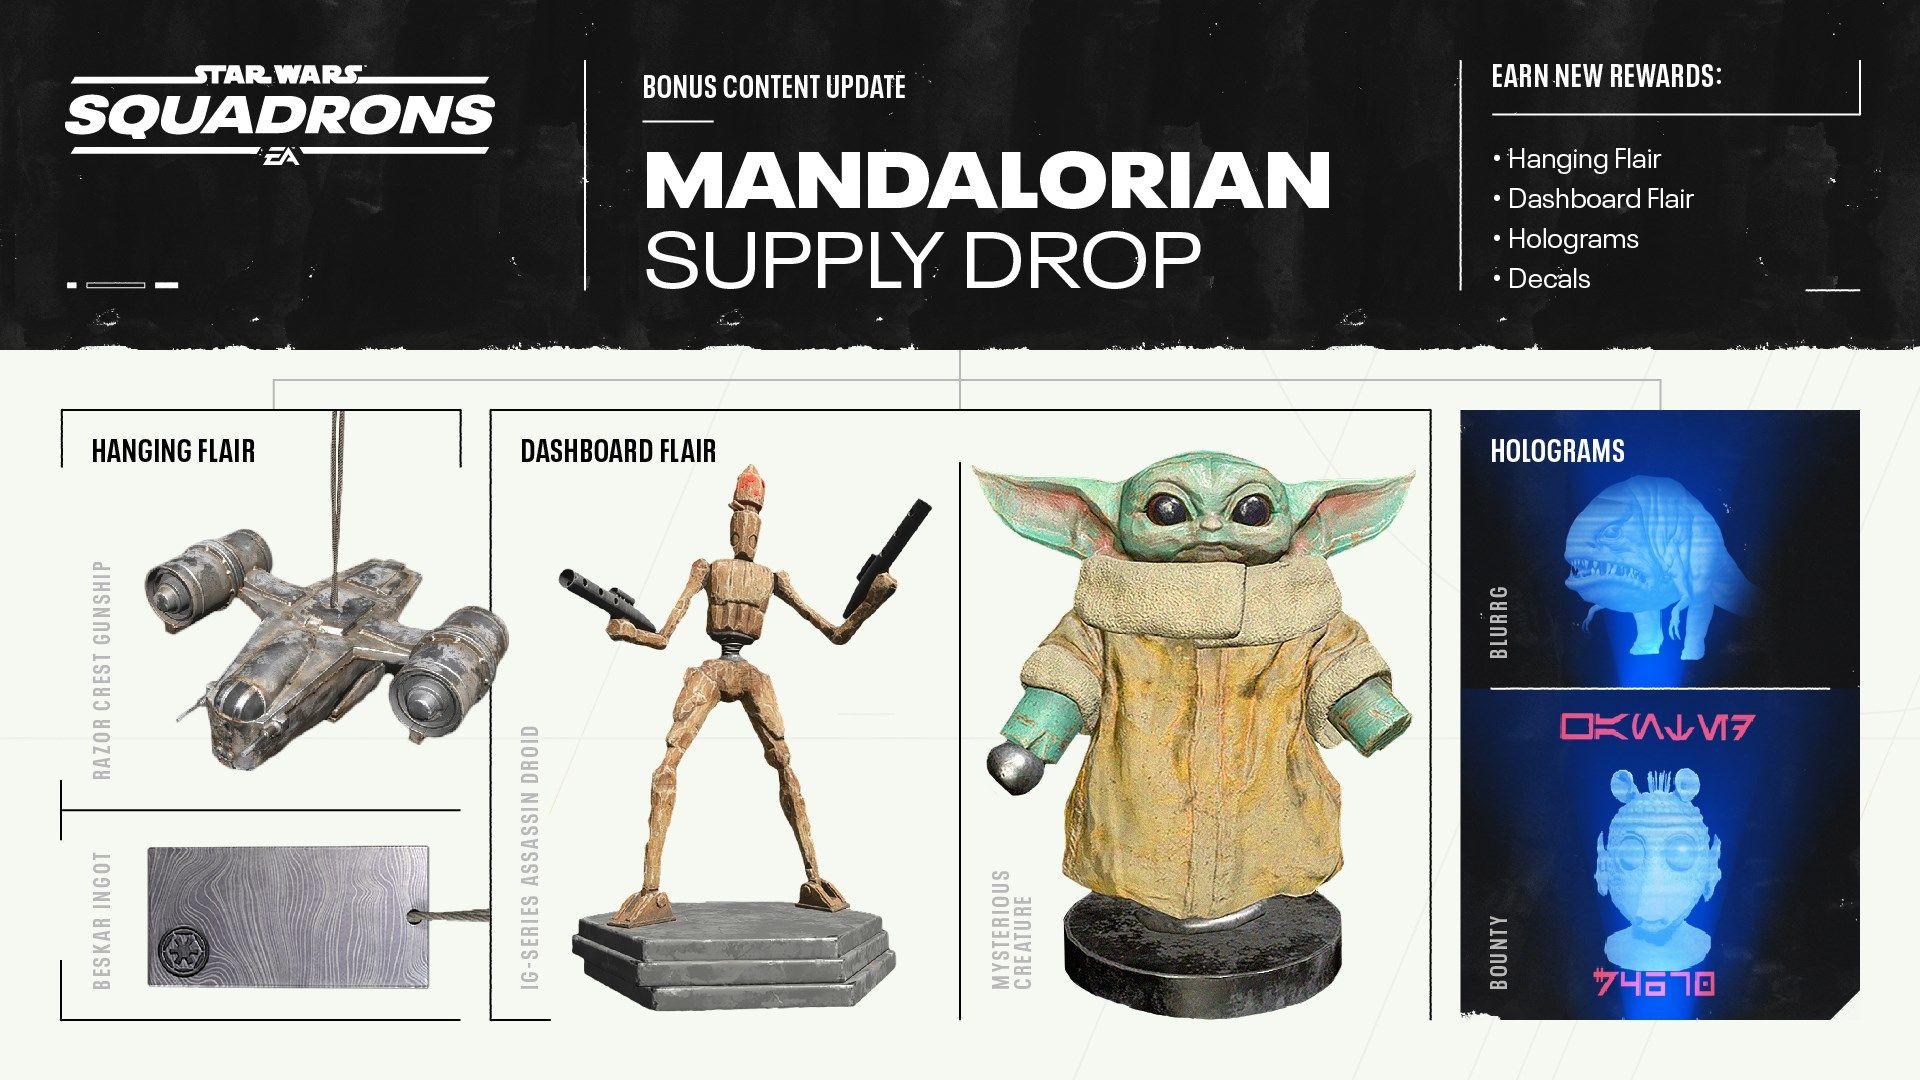 Bebek Yoda, Star Wars: Squadrons İçin Geliyor